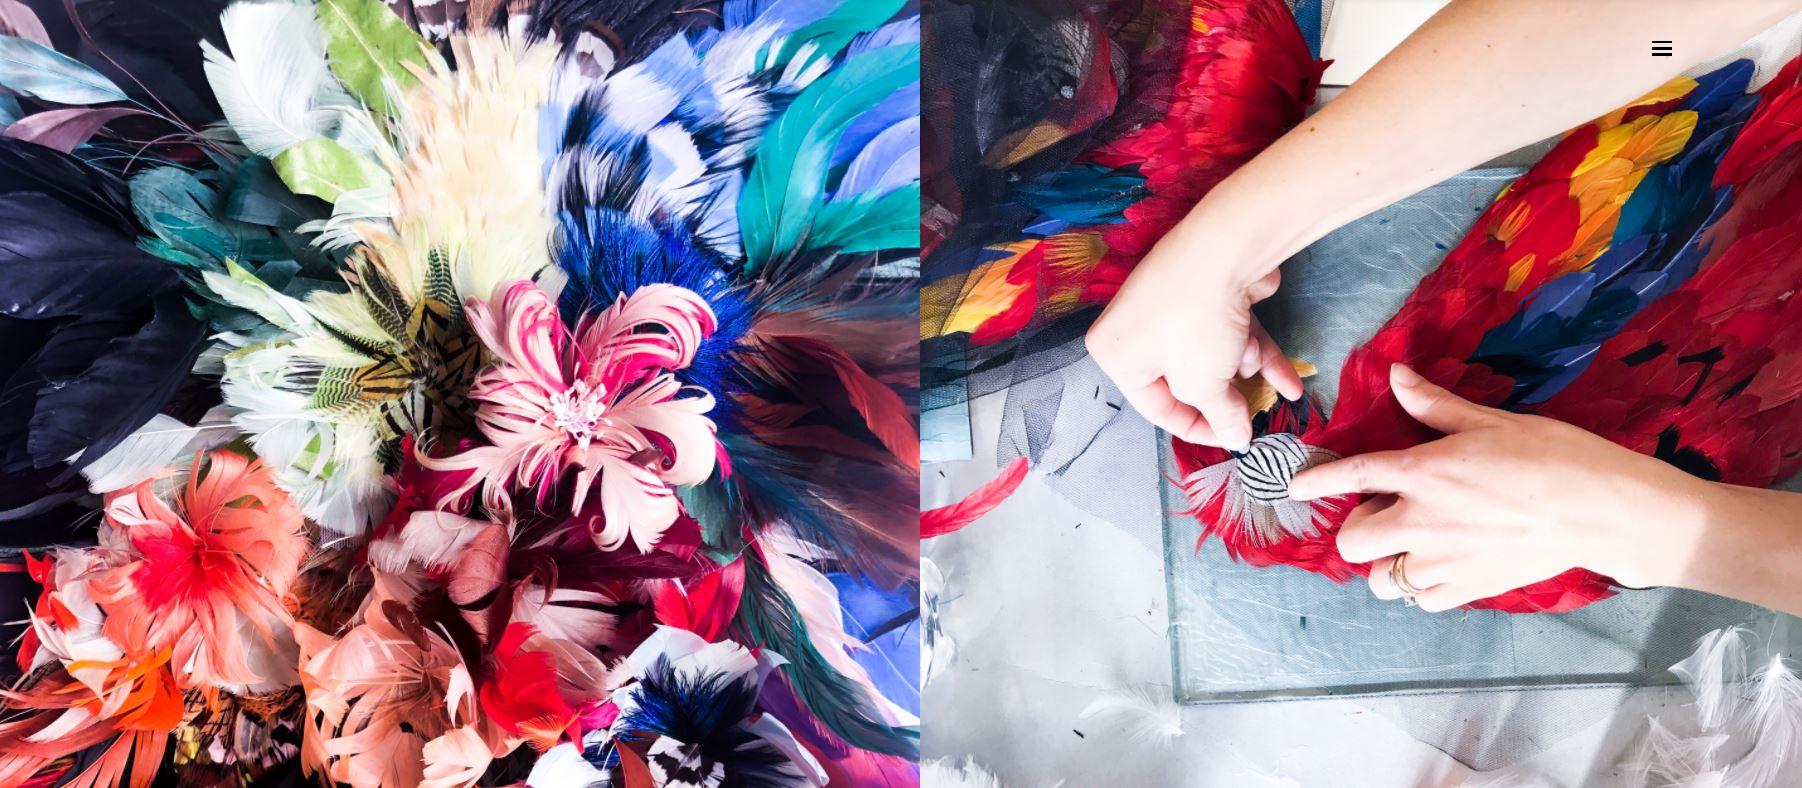 Milan 2 Feathers.JPG